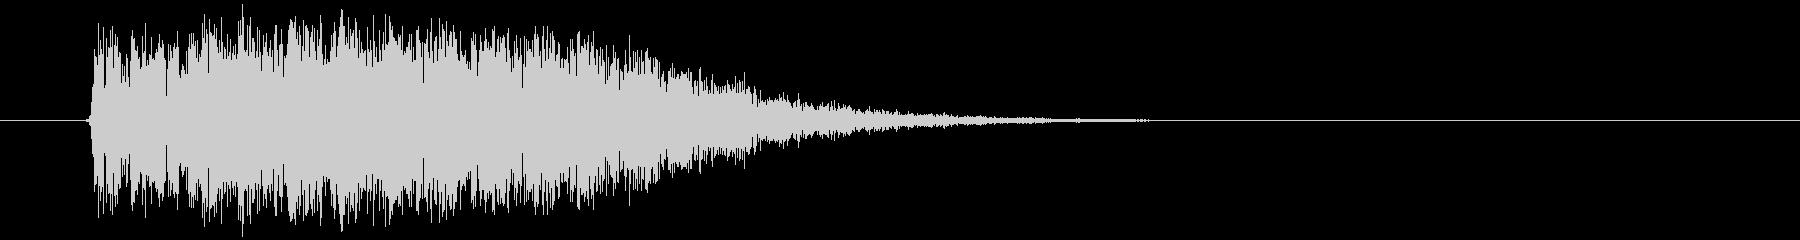 コミカルな衝突やズッコケ音の未再生の波形